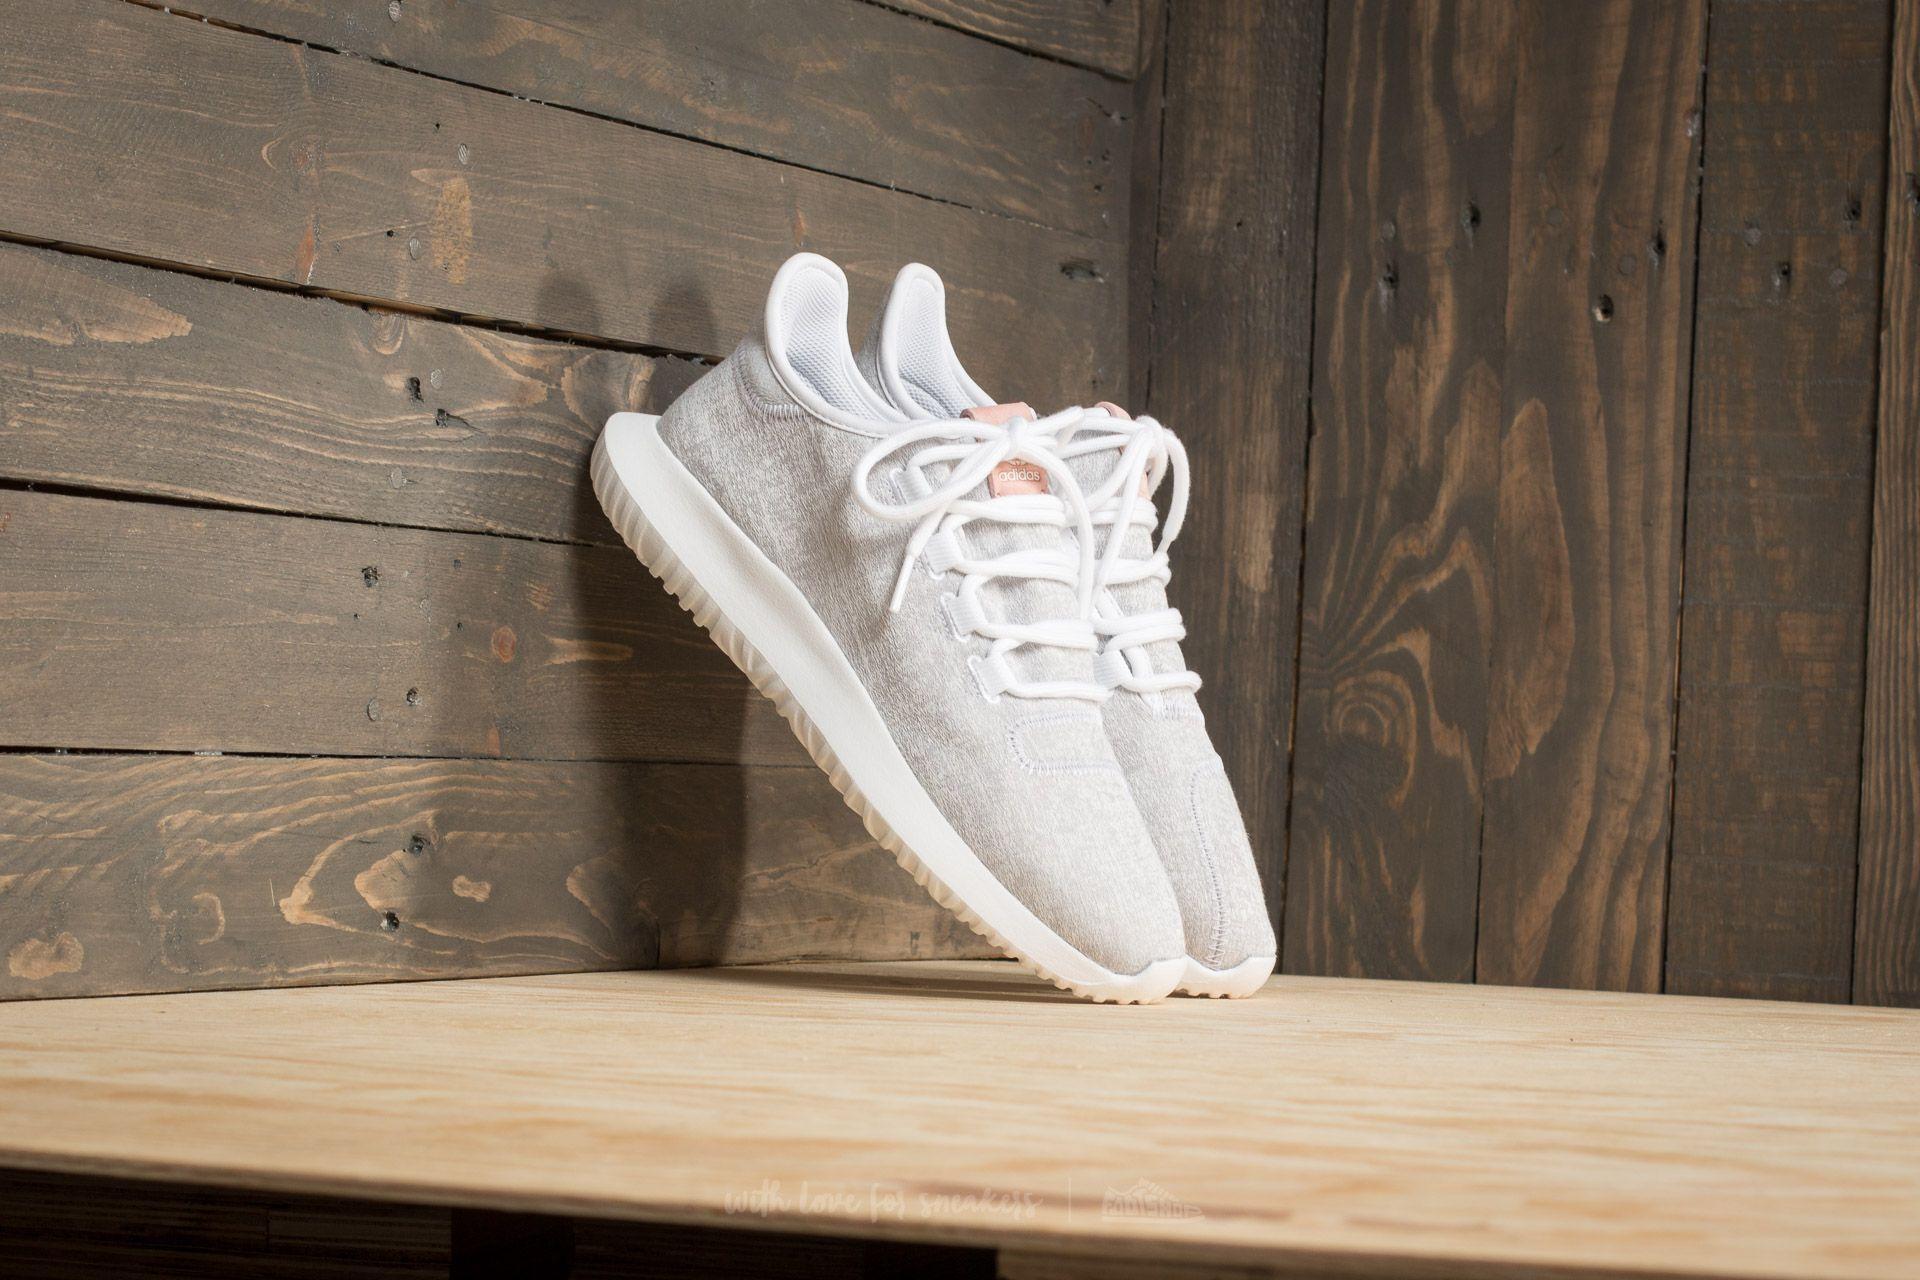 adidas tubuläre schatten w ftw weiß / grau / weiß in zwei große ftw